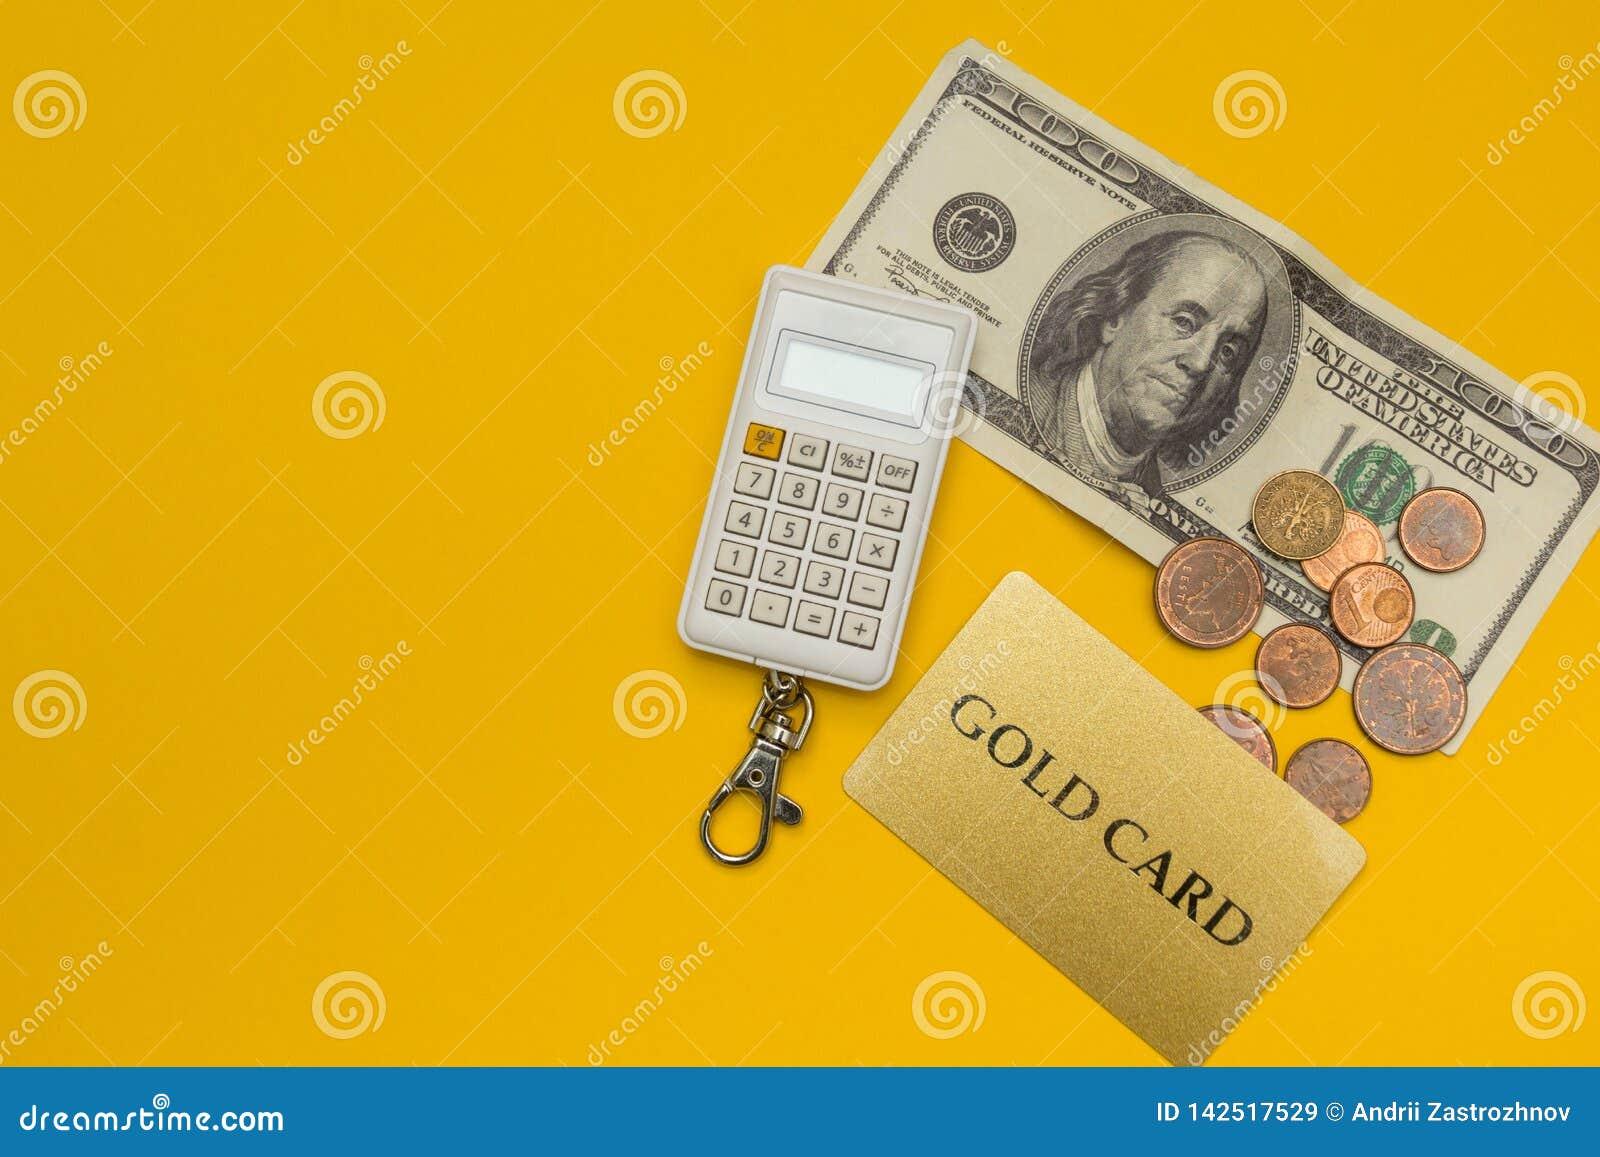 Kreditkarte, Taschenrechner und Dollar auf gelbem Hintergrund